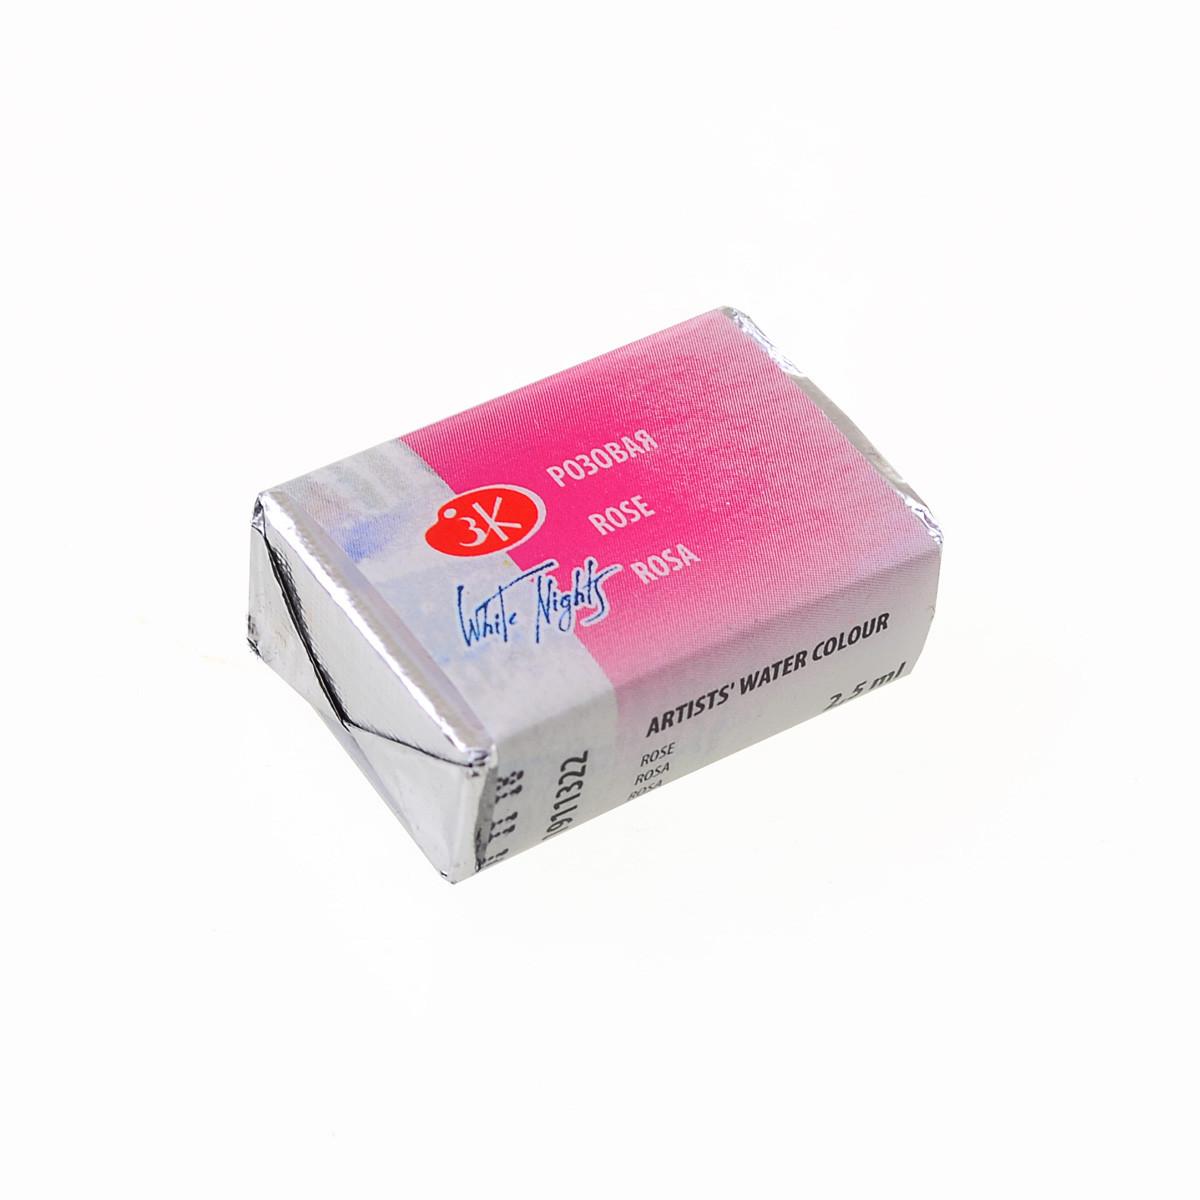 Краска акварельная КЮВЕТА, розовая, 2.5мл ЗХК      код: 351208, арт.завода: 1911322